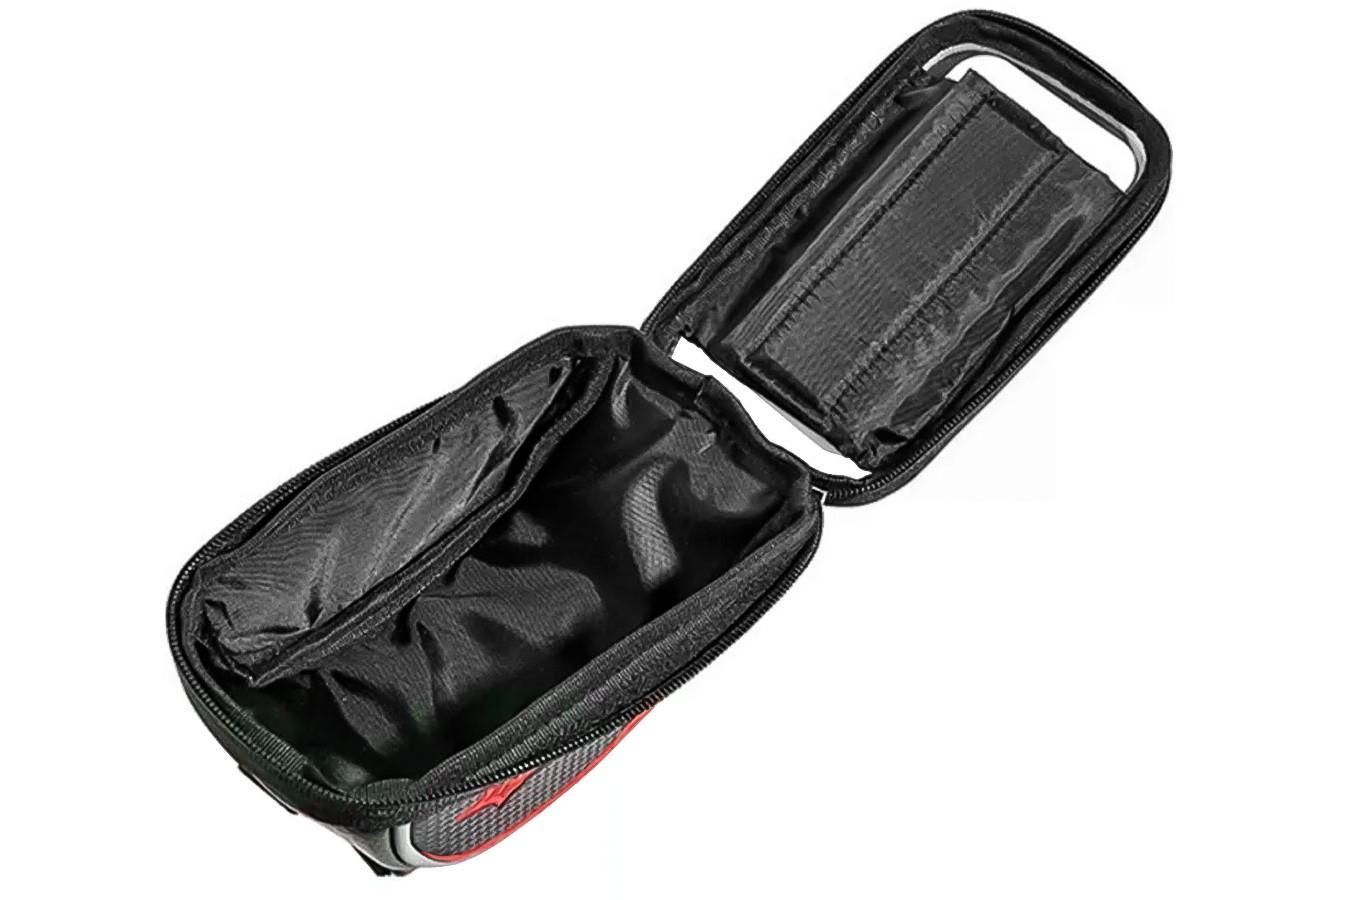 Bolsa para Guidão RB-010 Porta Objetos e Celular - Rockbros